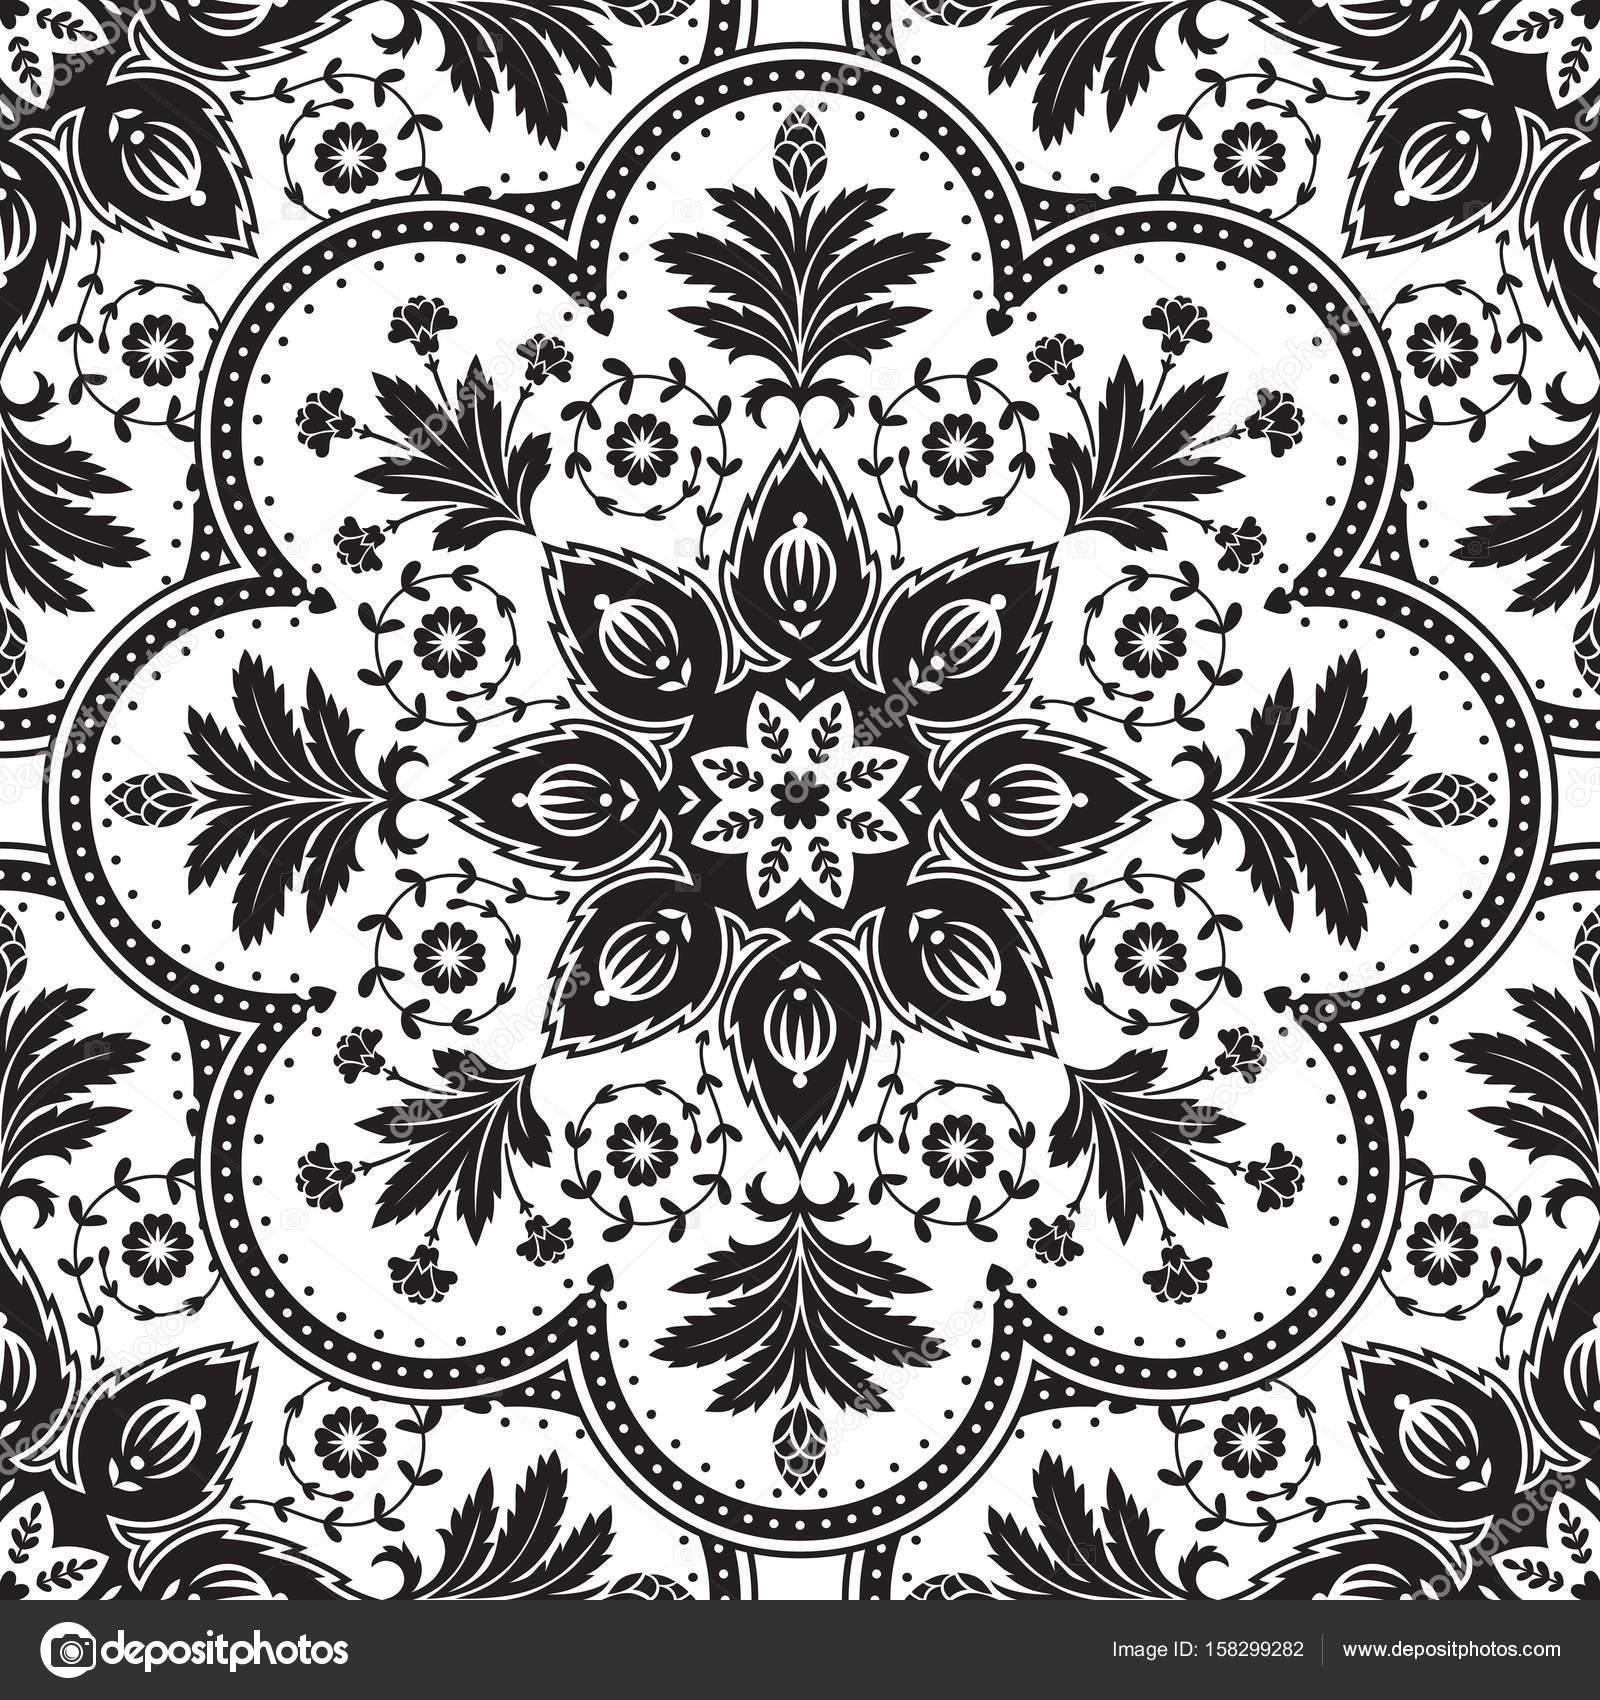 Vintage Viktorianischen Muster Elegante Nahtlose Muster Schwarz Weiß